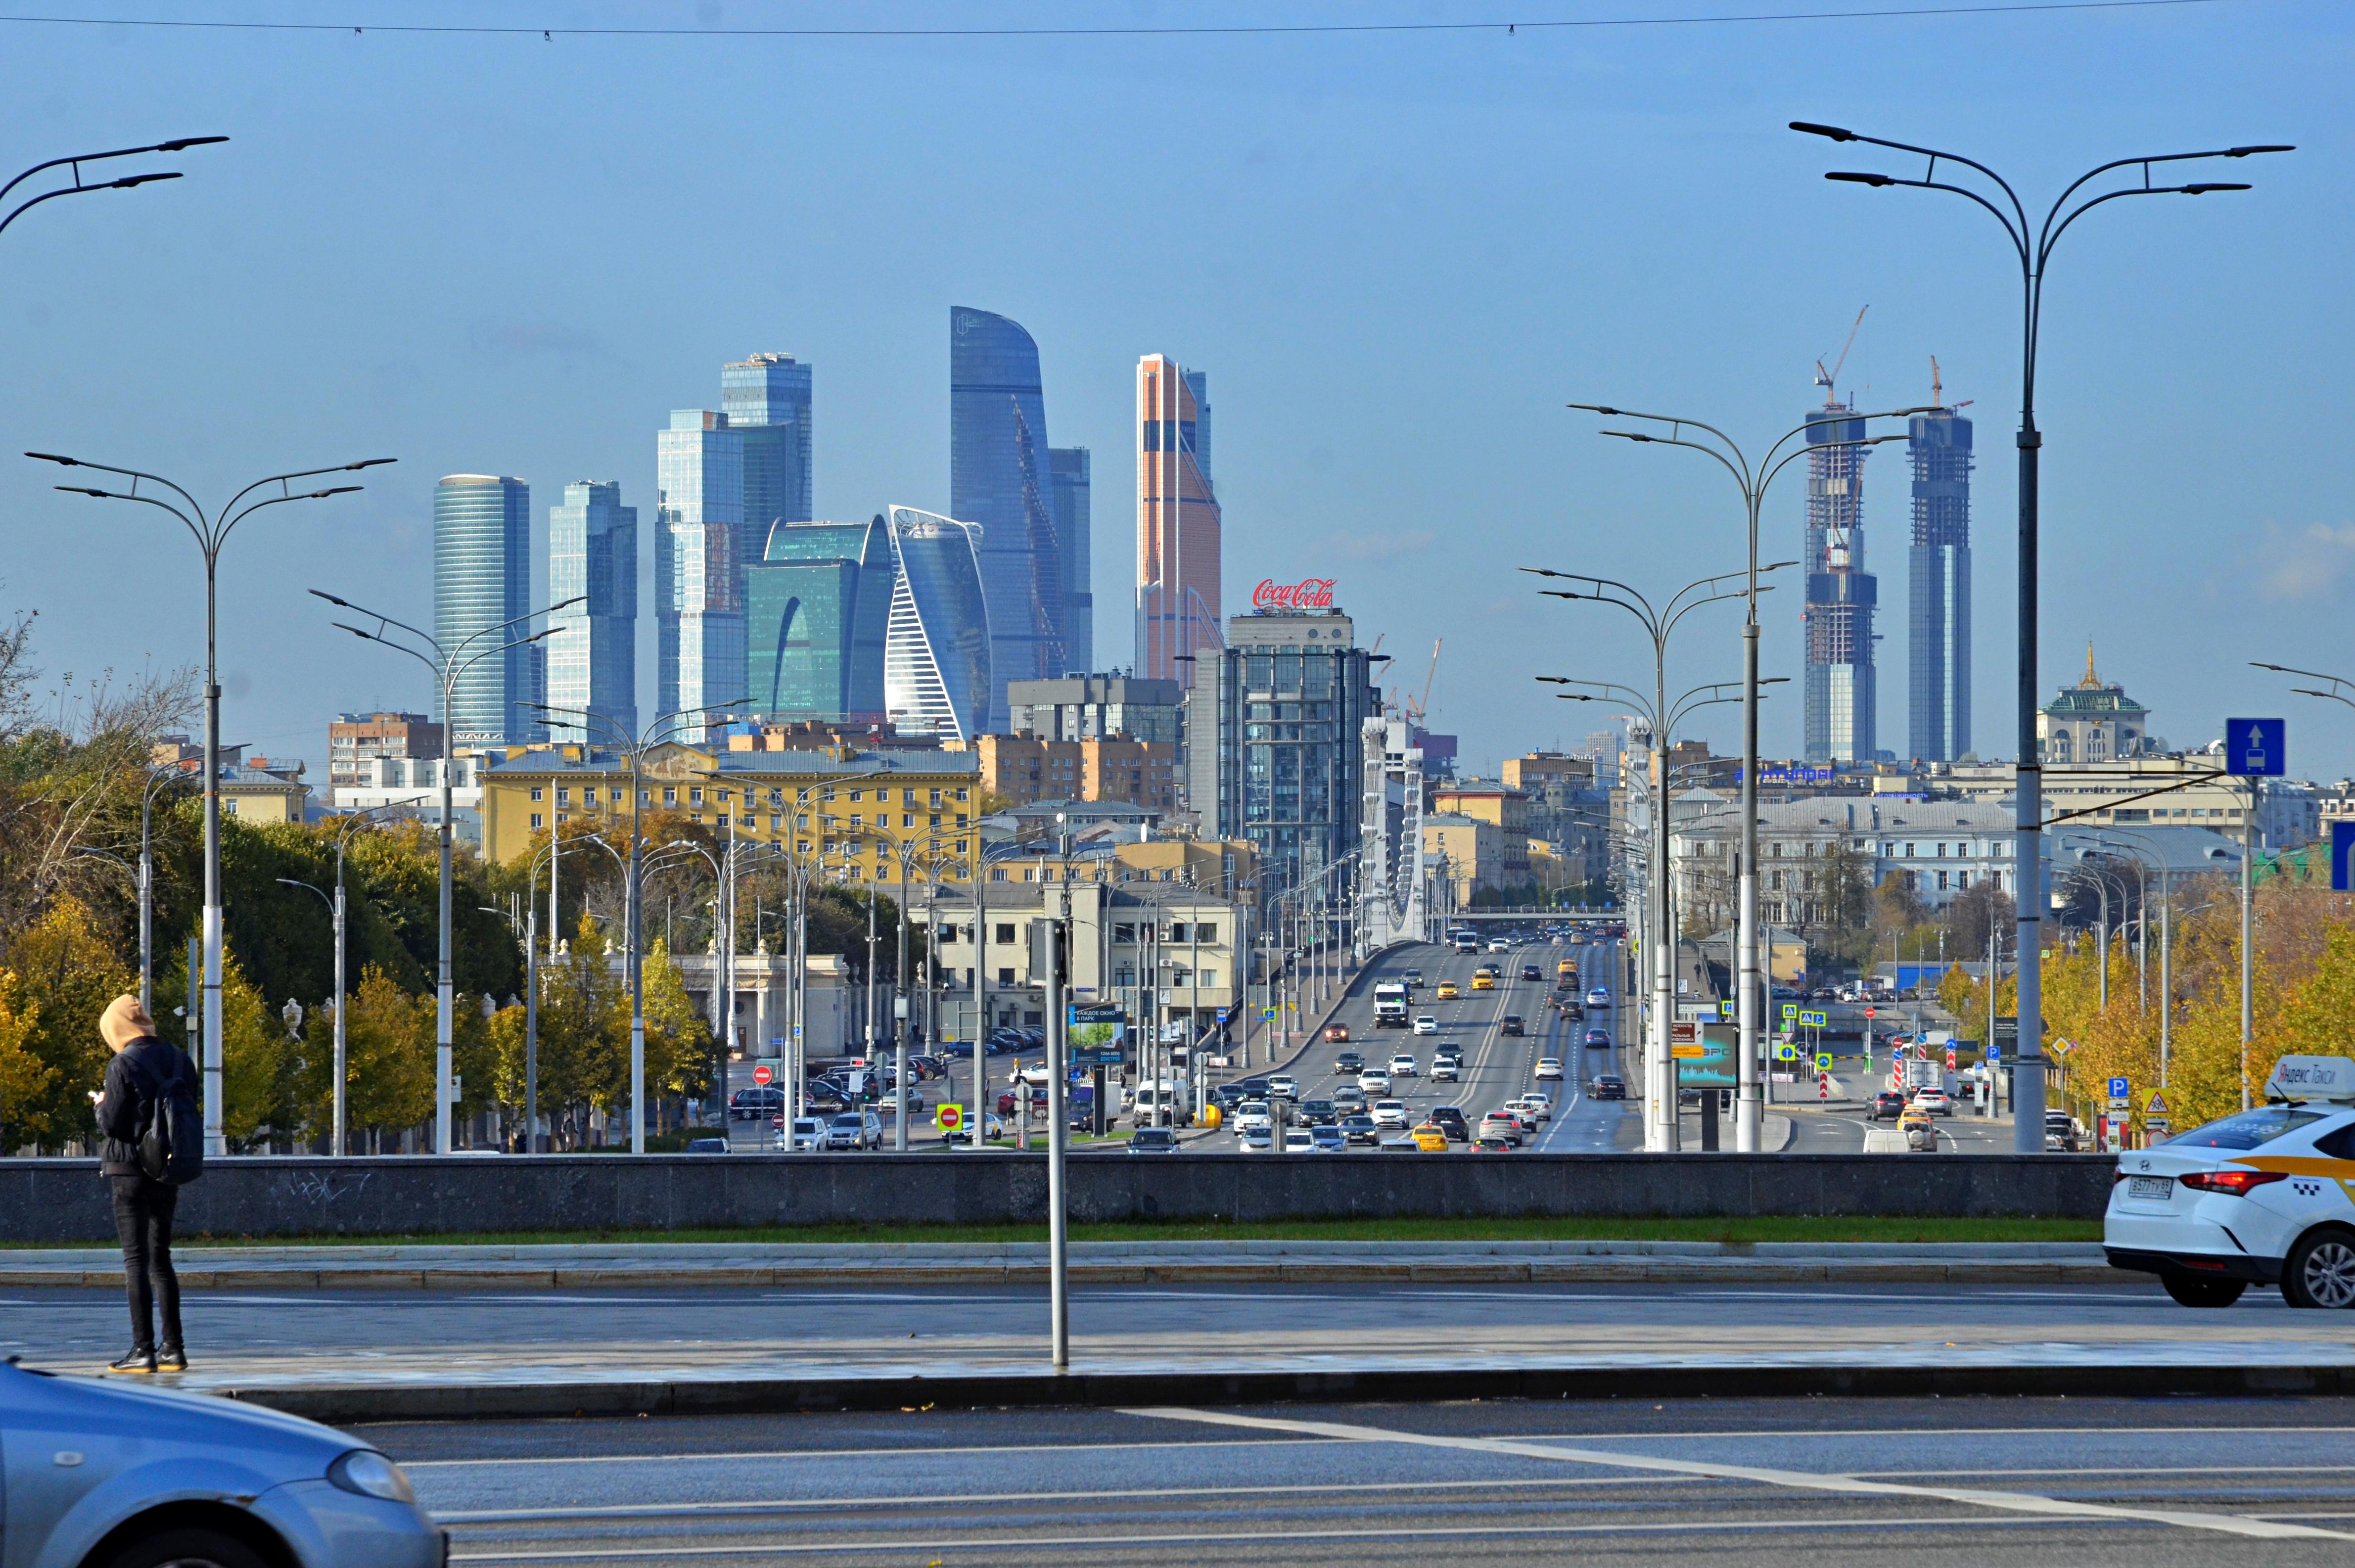 Более 30 «безмасочников»  выявлено в ТЦ на севере Москвы